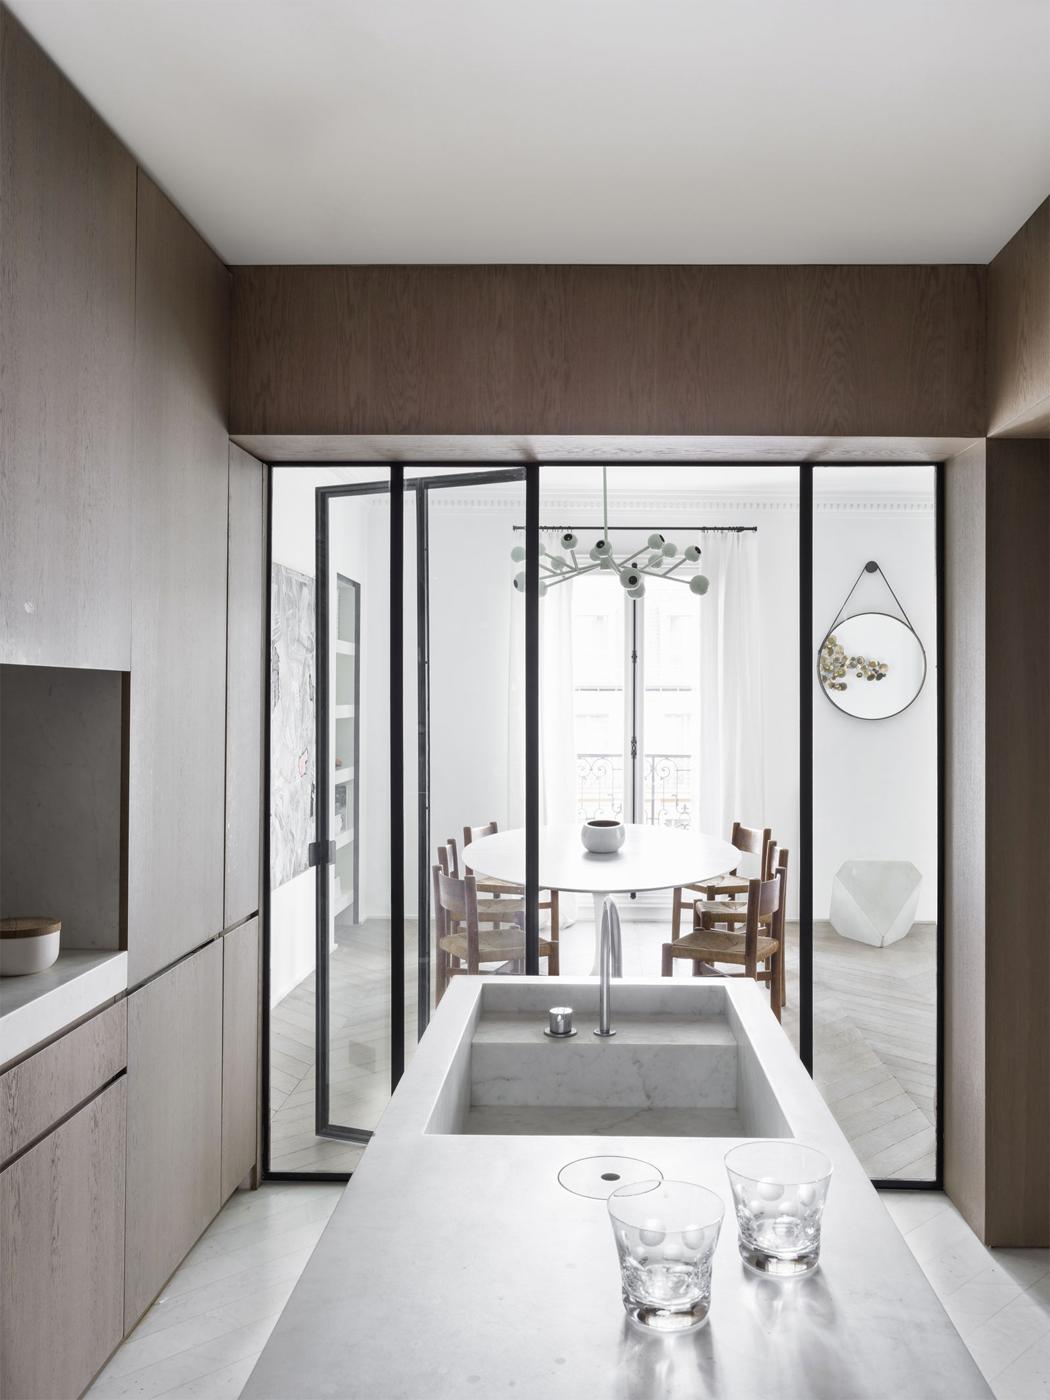 jr-apartement-by-Nicolas-Schuybroek-1.png